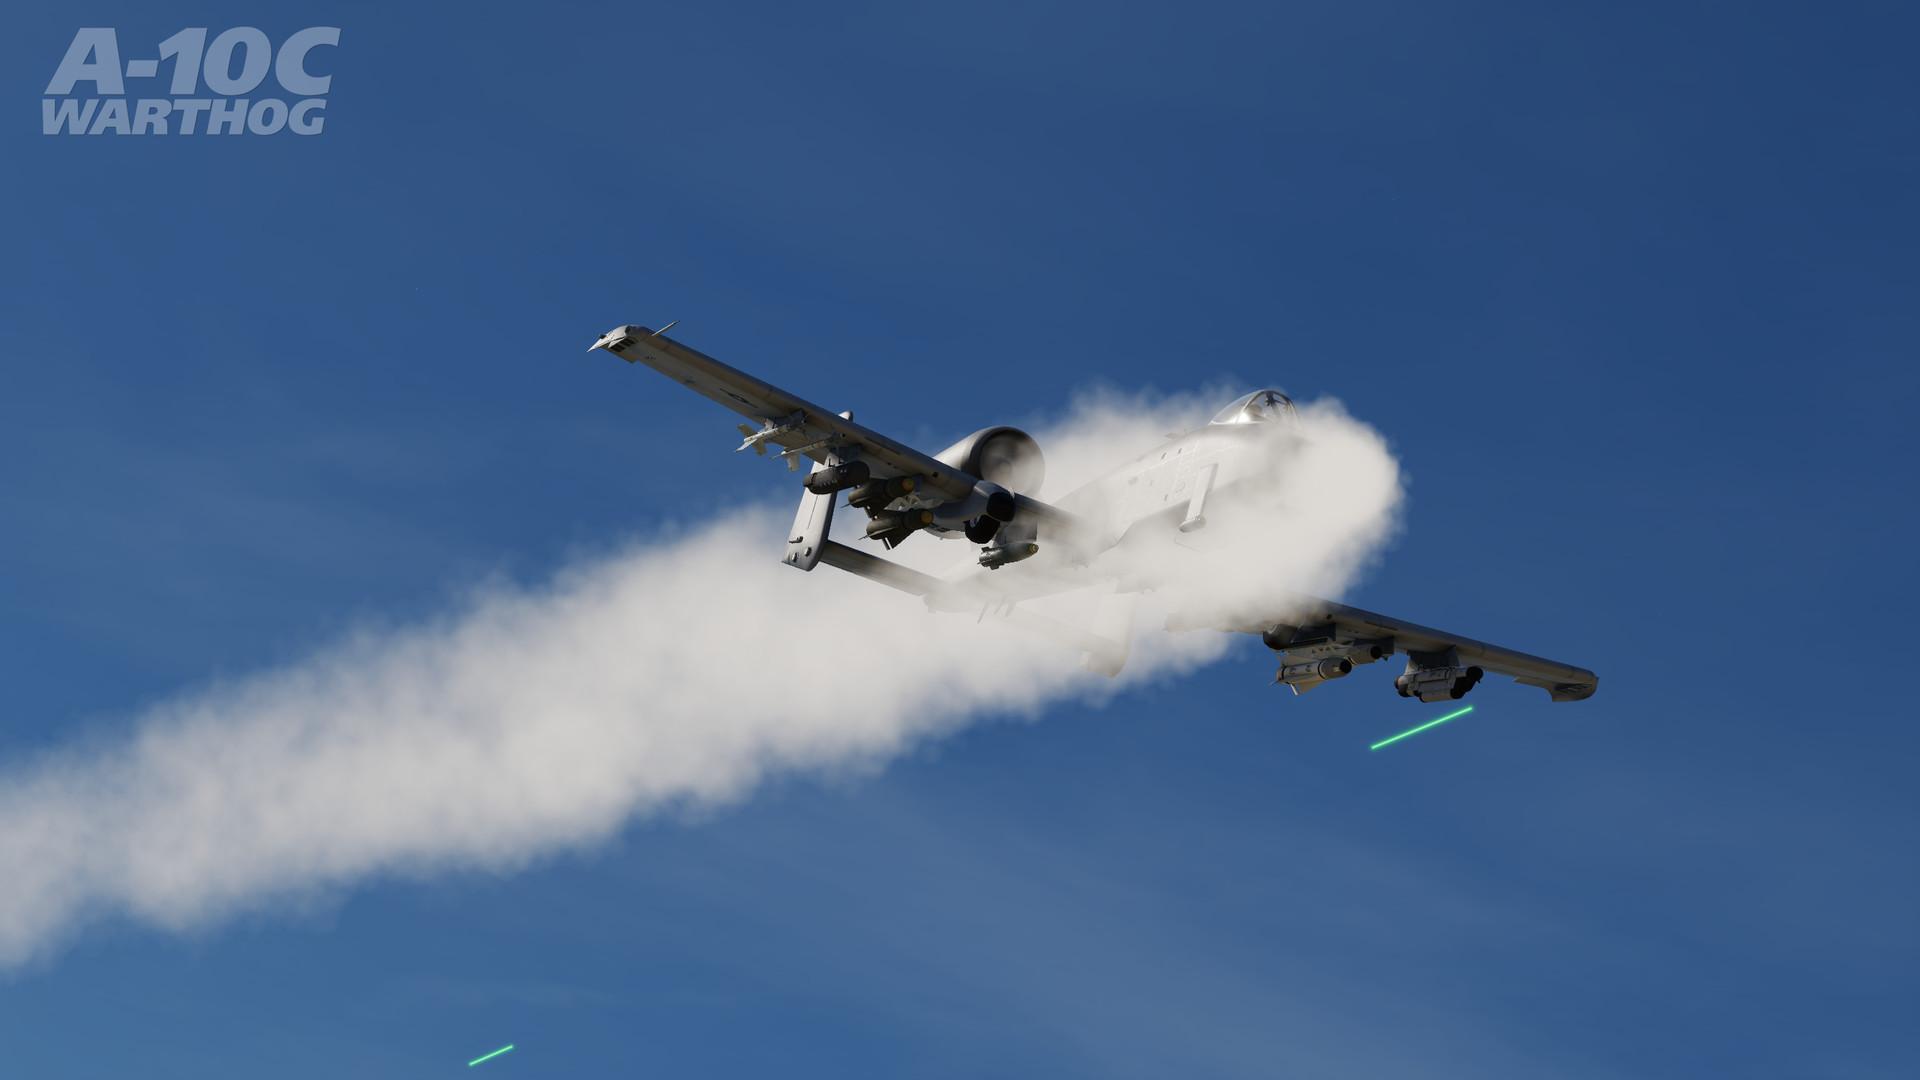 ダウンロードコンテンツDCS: A-10C Warthog - DLC を購入する